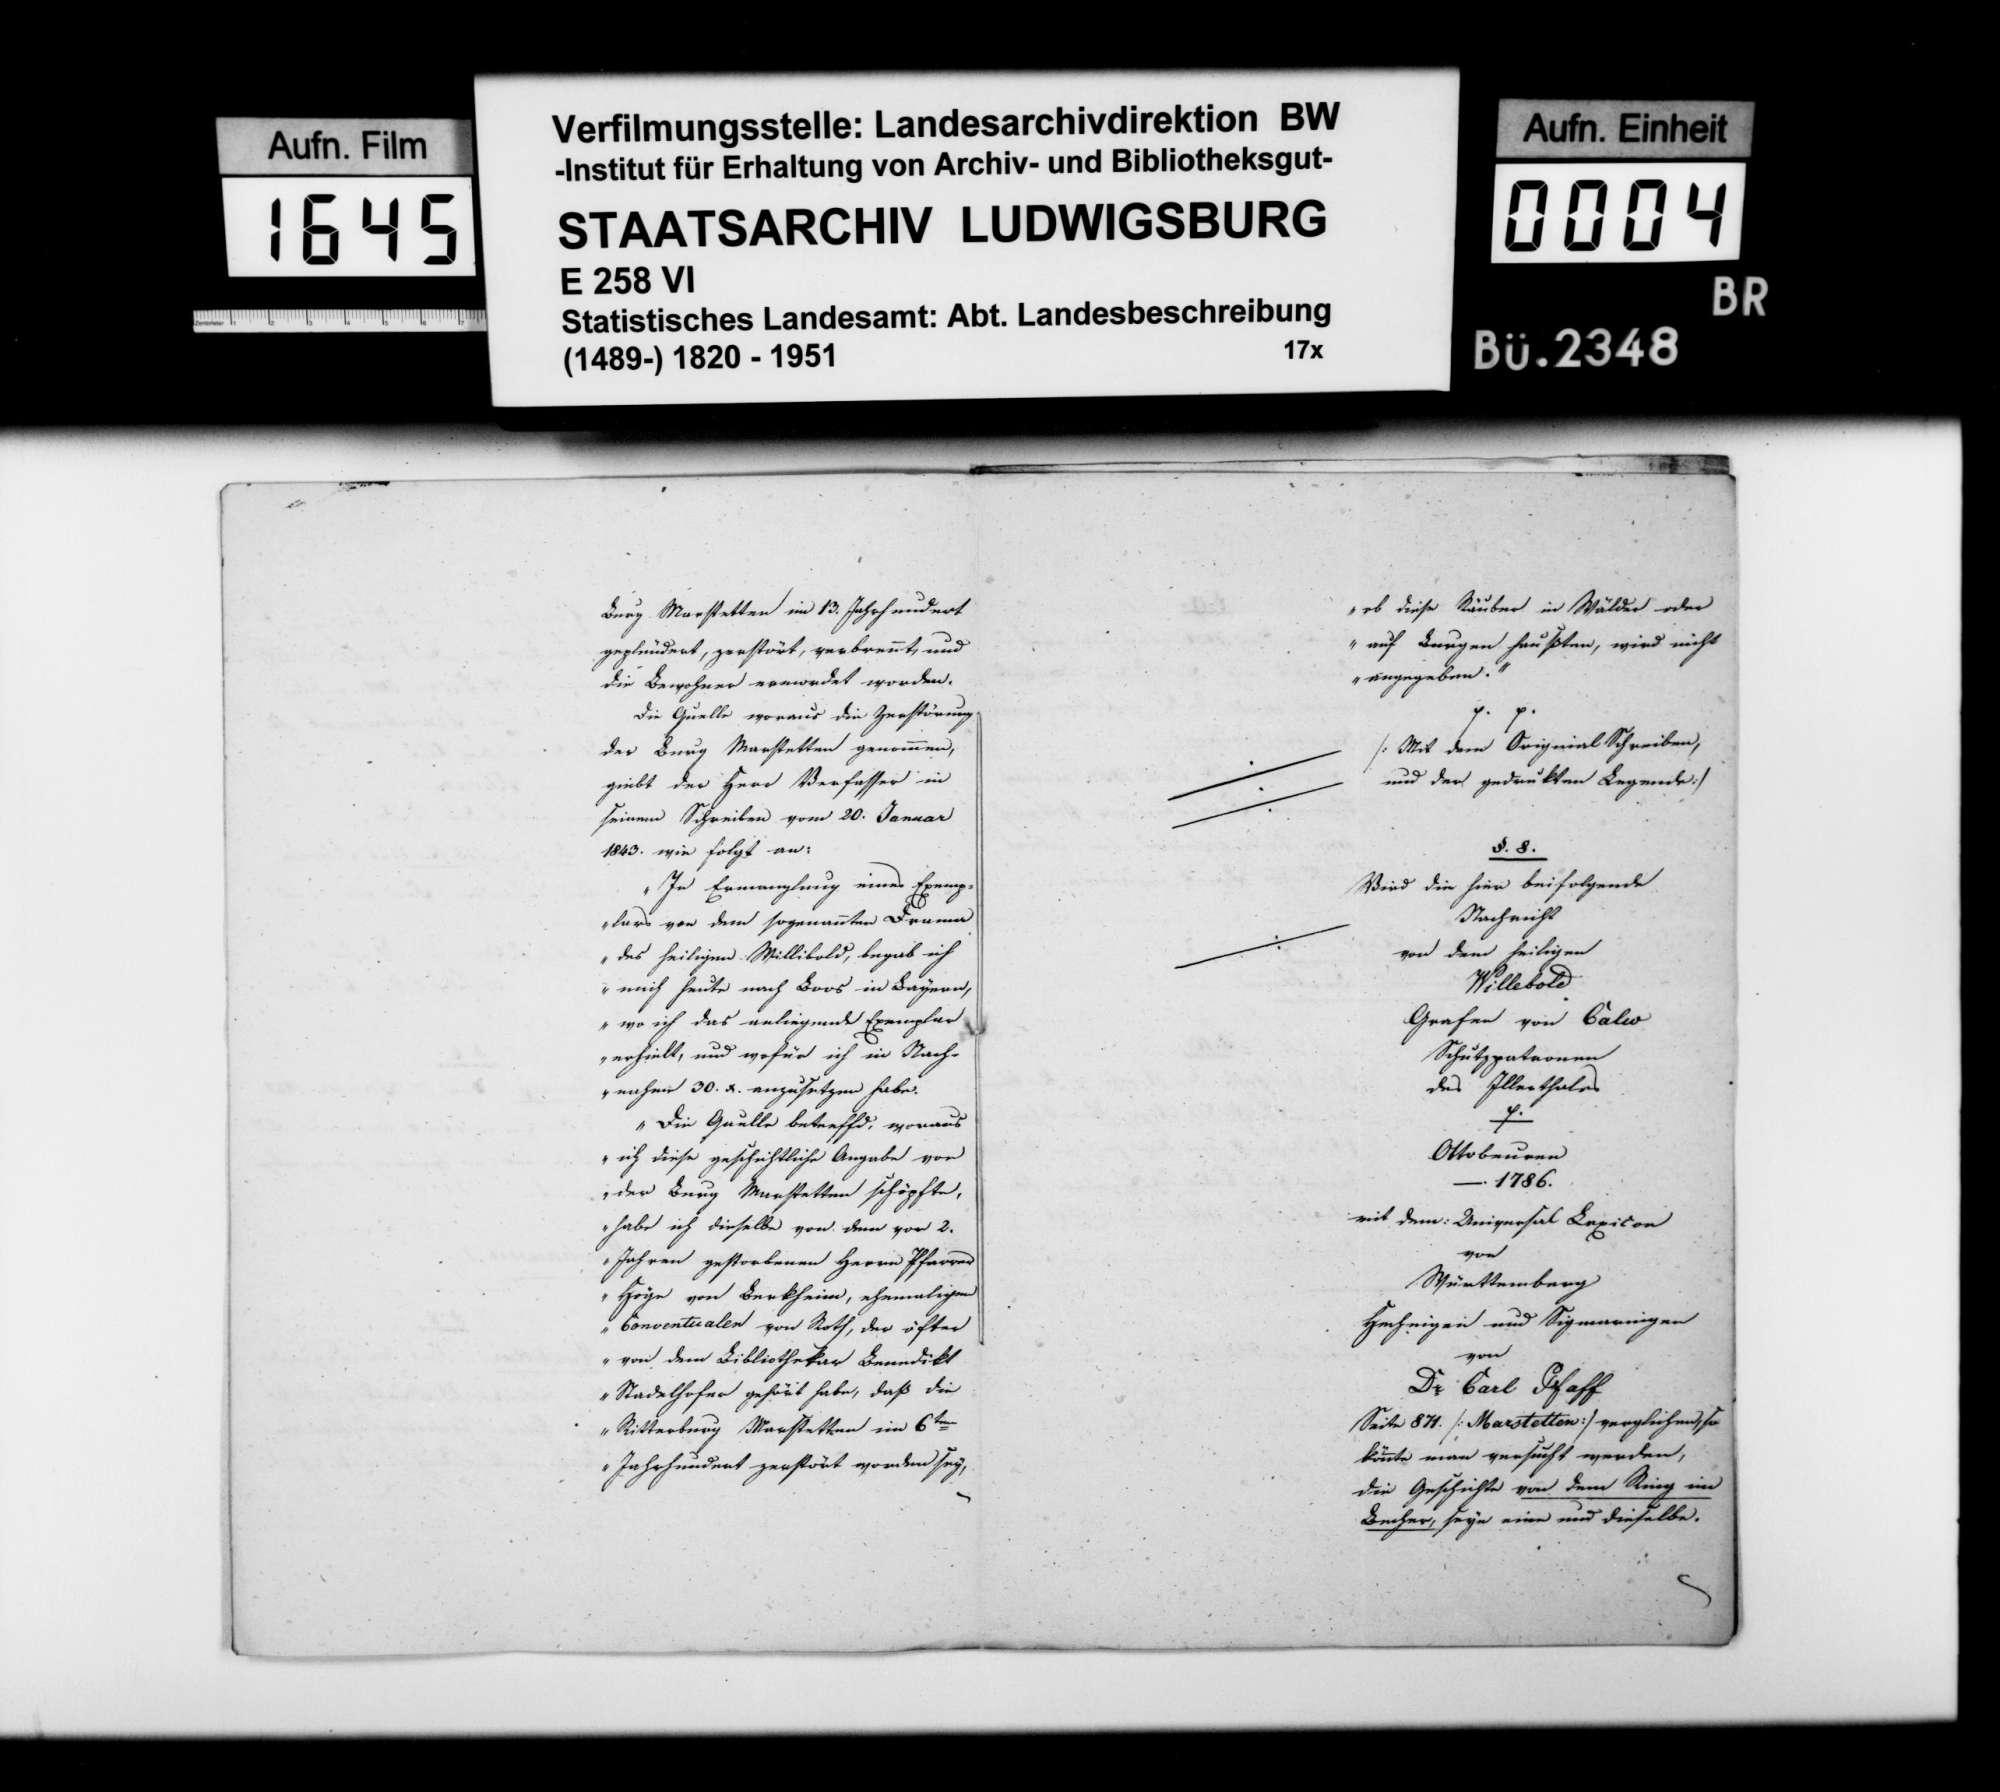 Notizen des Registrators Schabet aus Wurzach auf Fragen des STBs zur Ergänzung der OAB, Bild 3